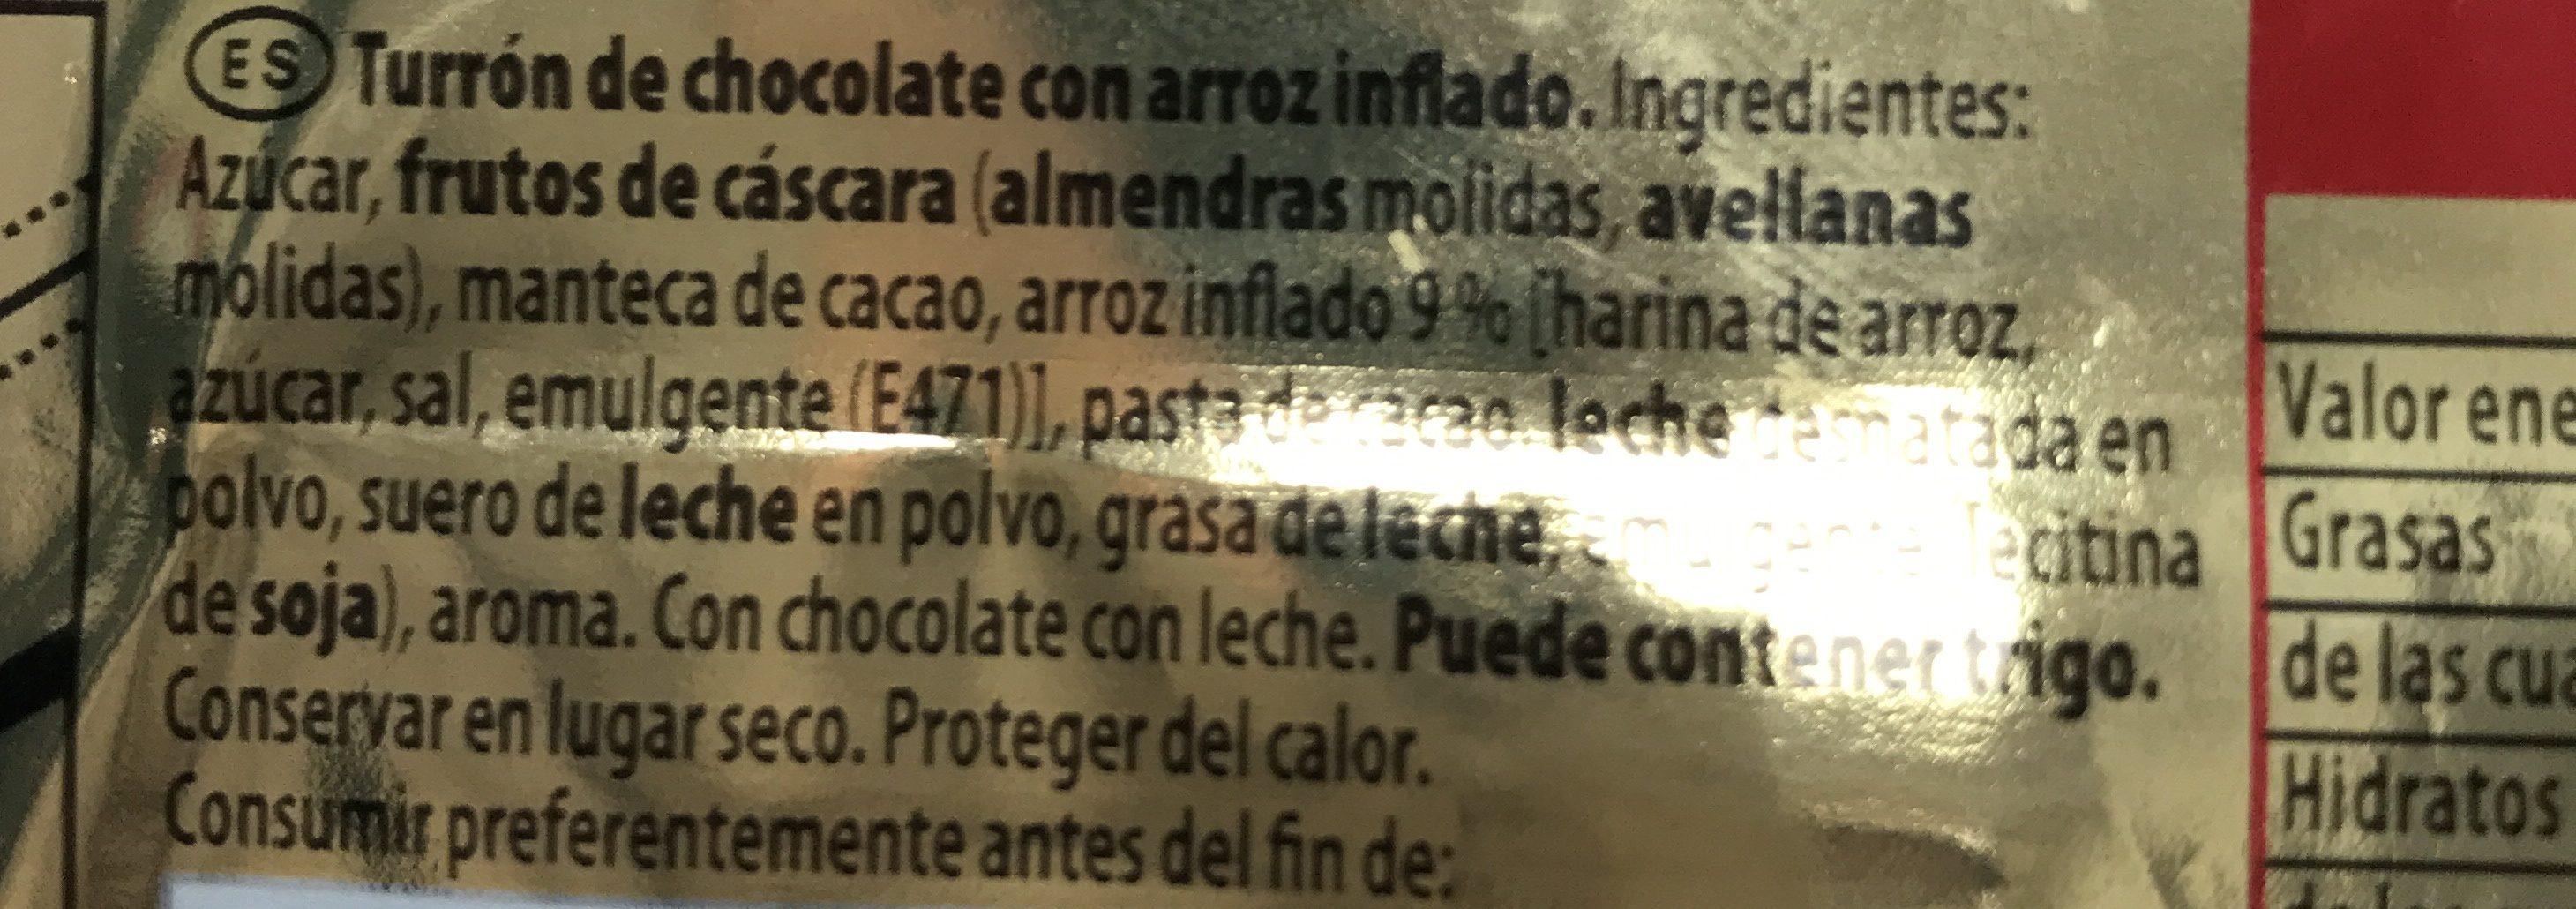 Turrón de chocolate crujiente clásico - Ingrédients